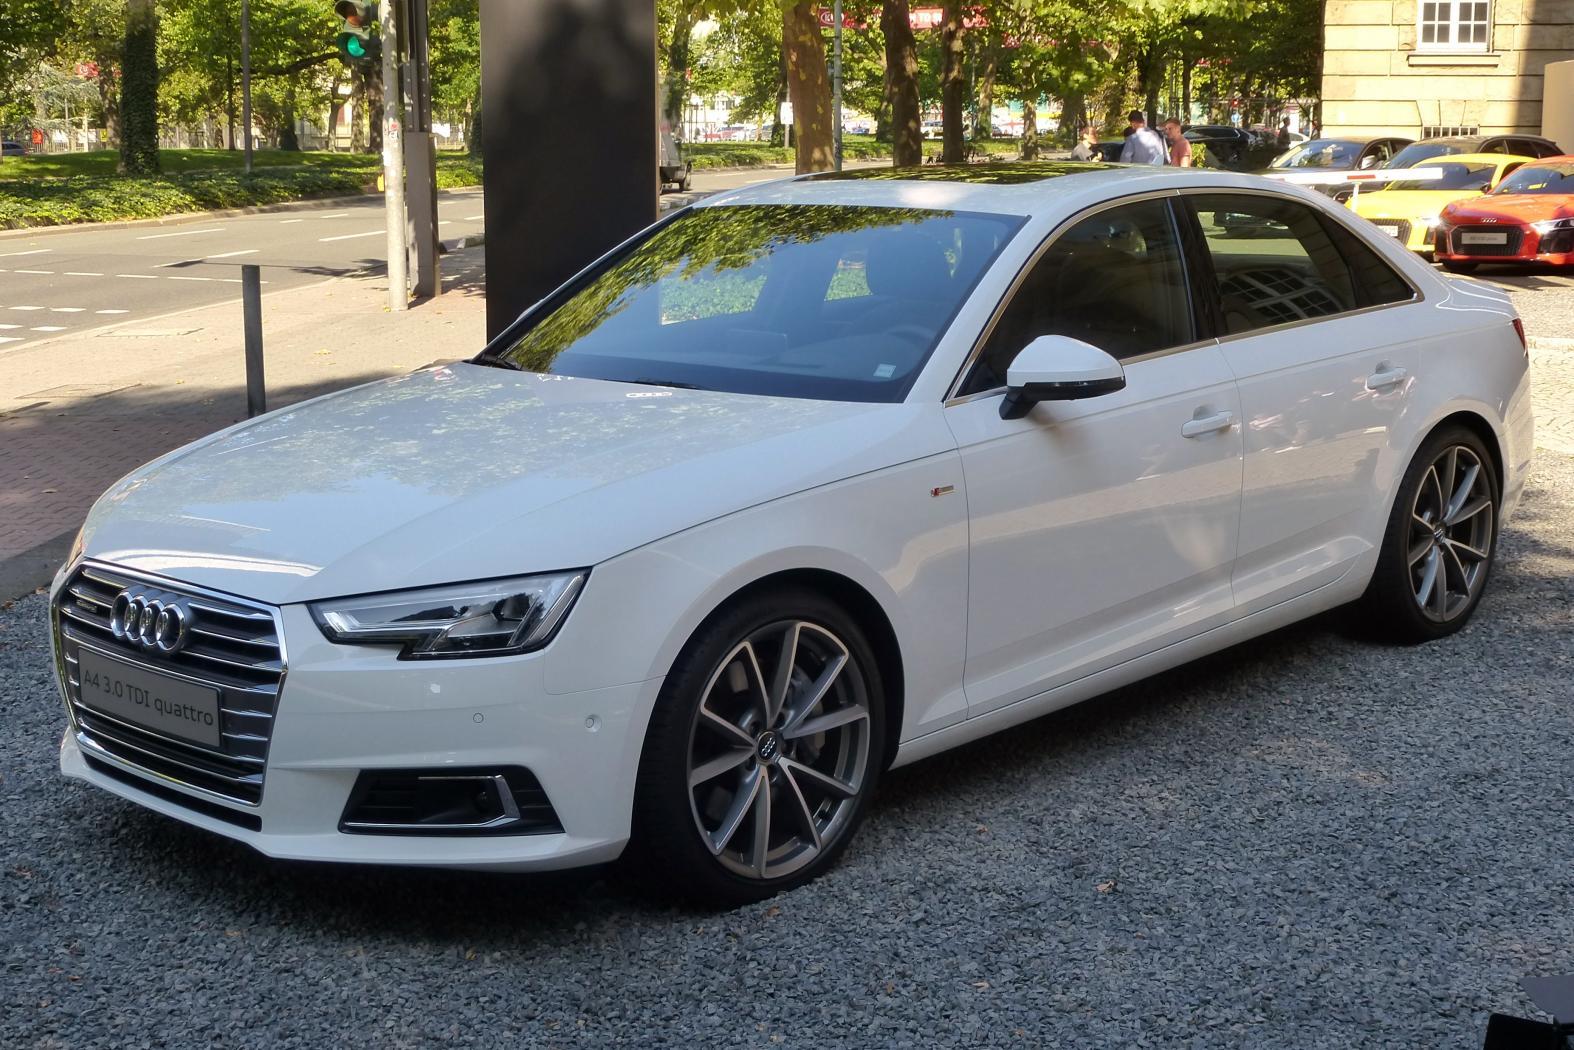 Audi-A4-B9-5